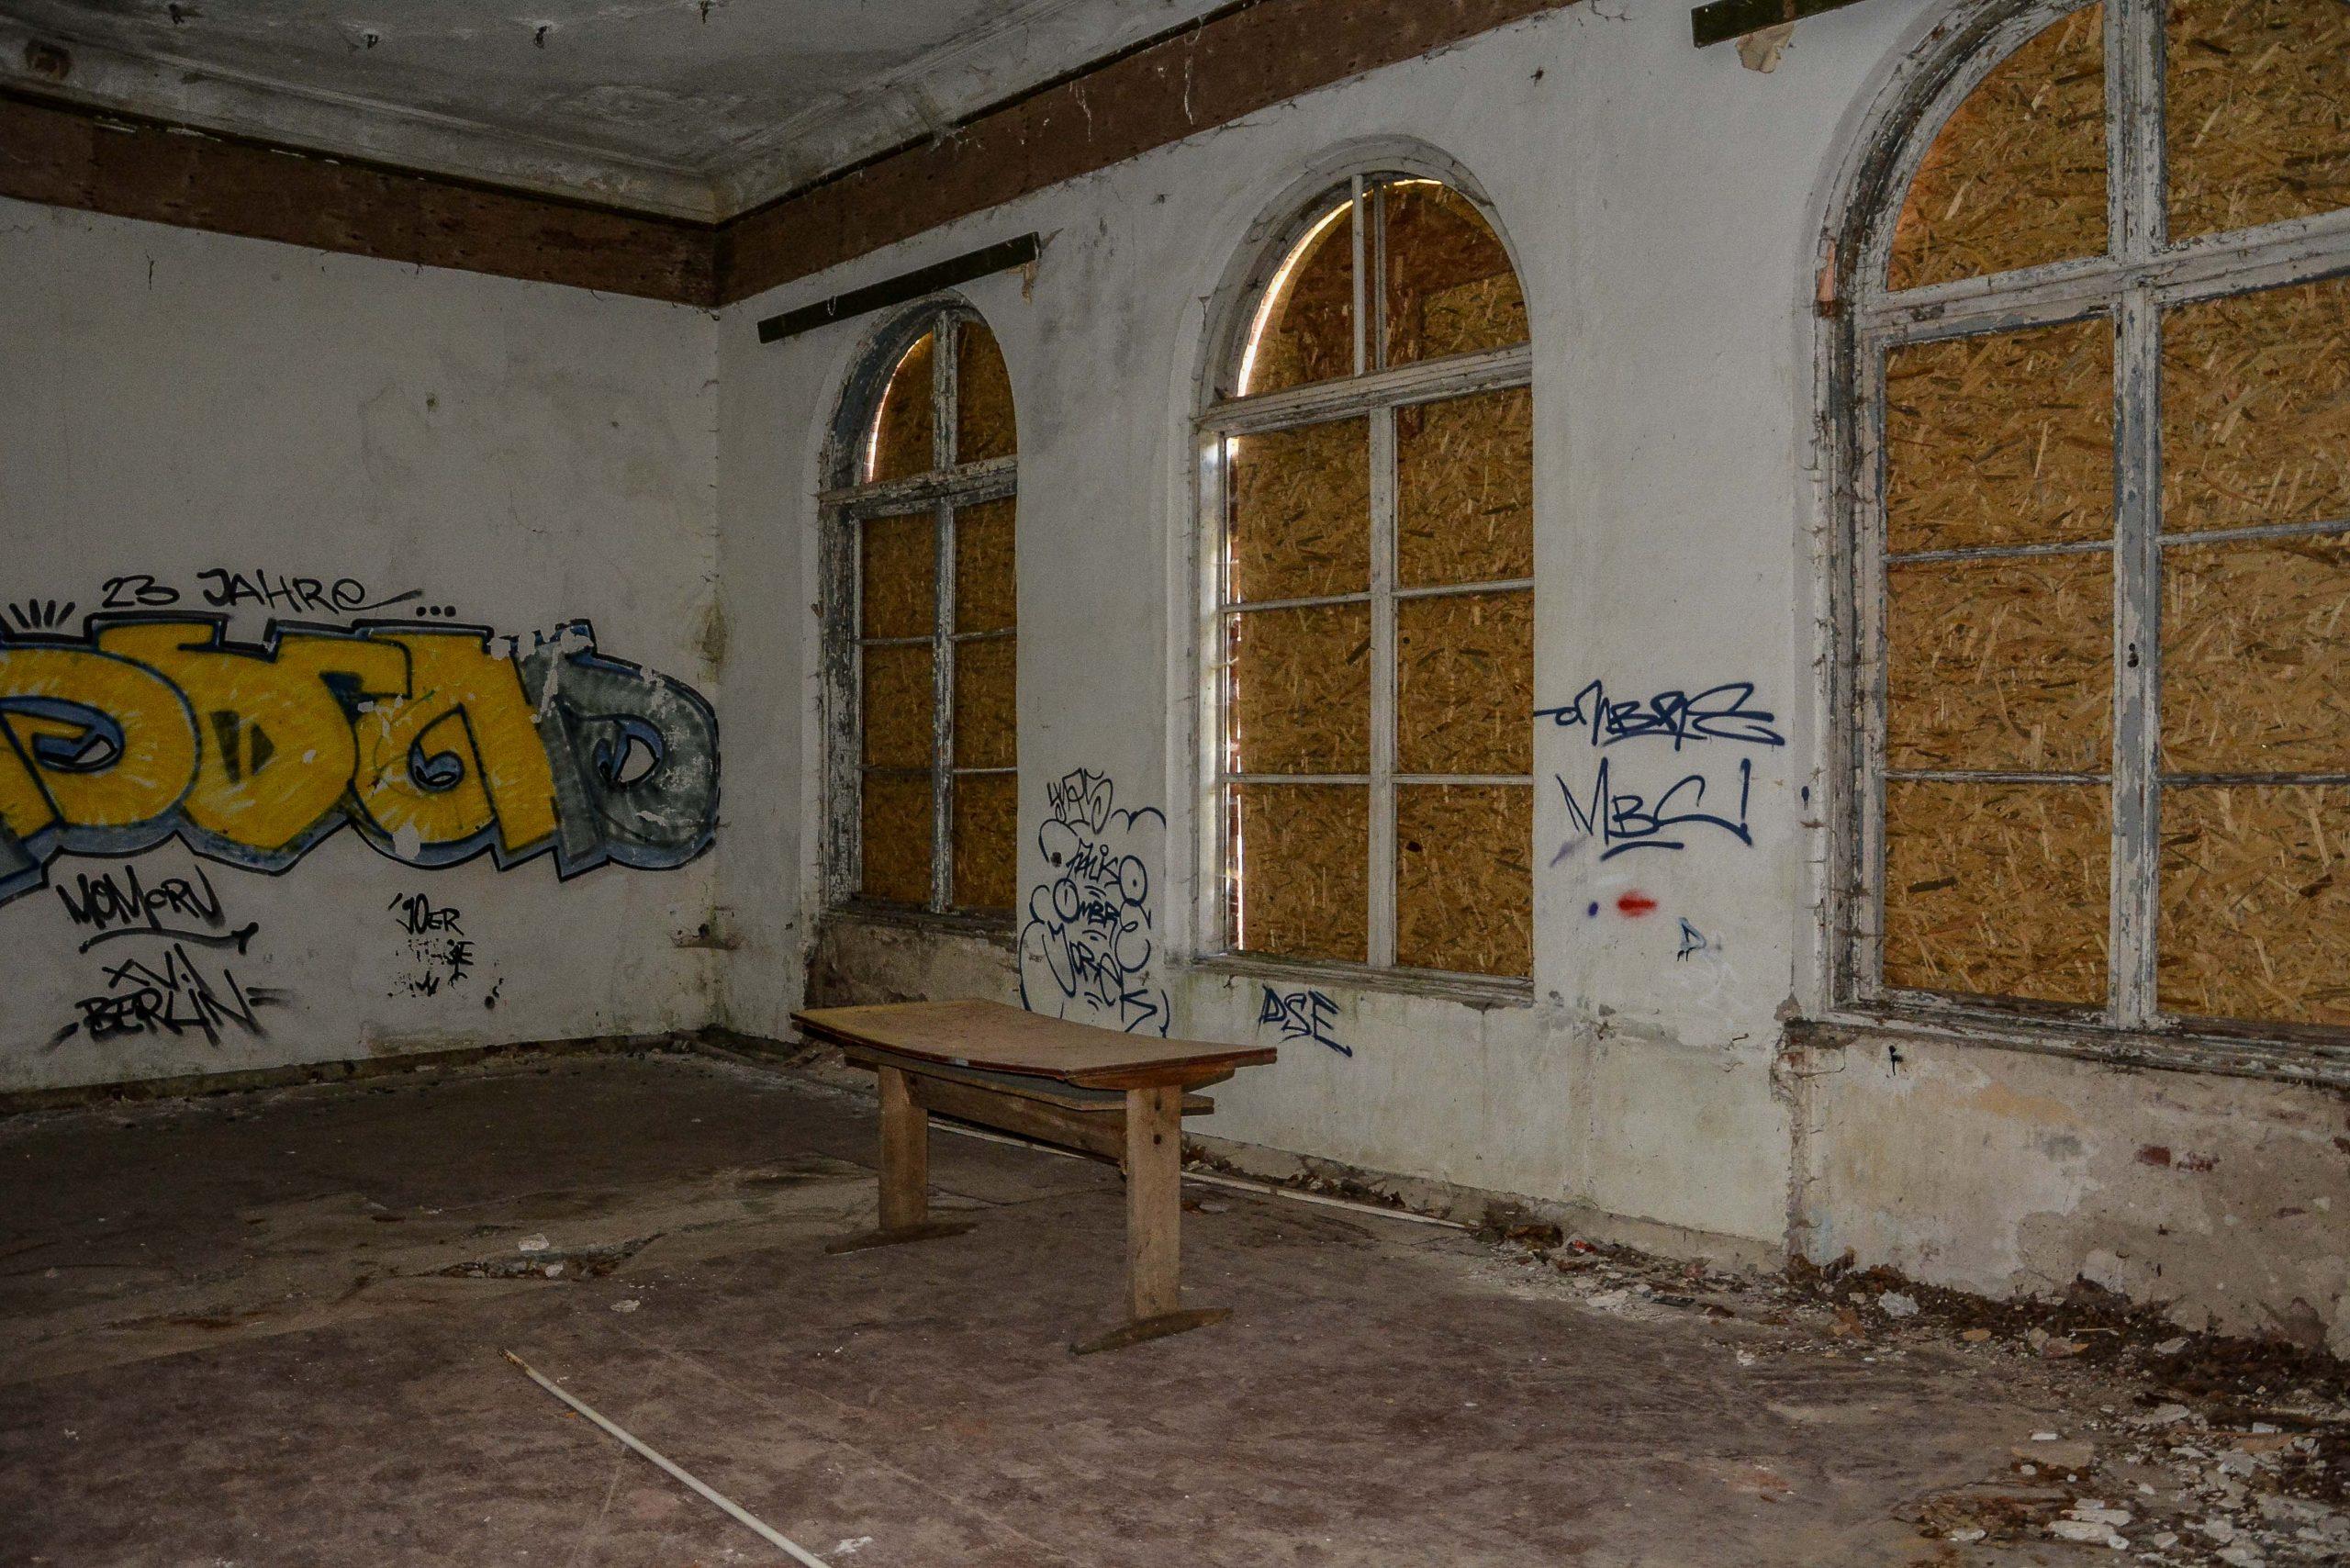 herrenhaus gentzrode tisch lost places brandenburg neuruppin gut gentzrode ost deutschland urbex abandoned